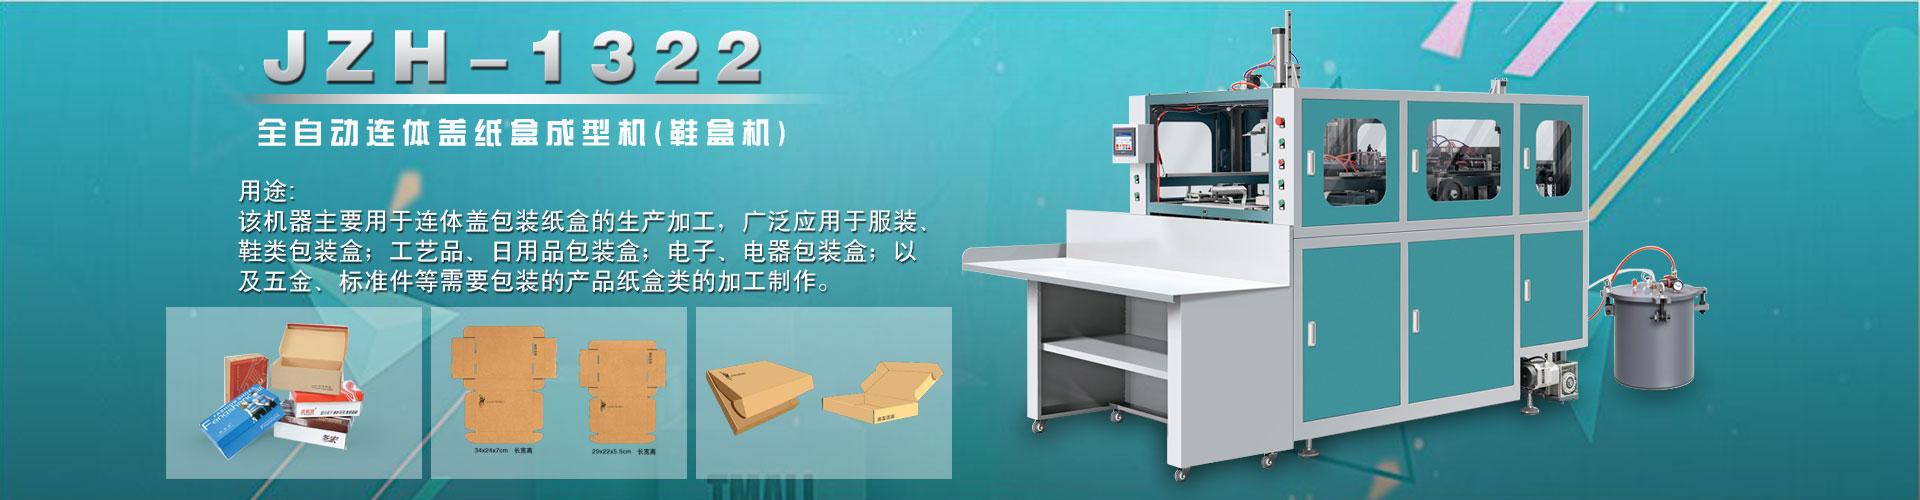 全自动连体盖鞋盒机